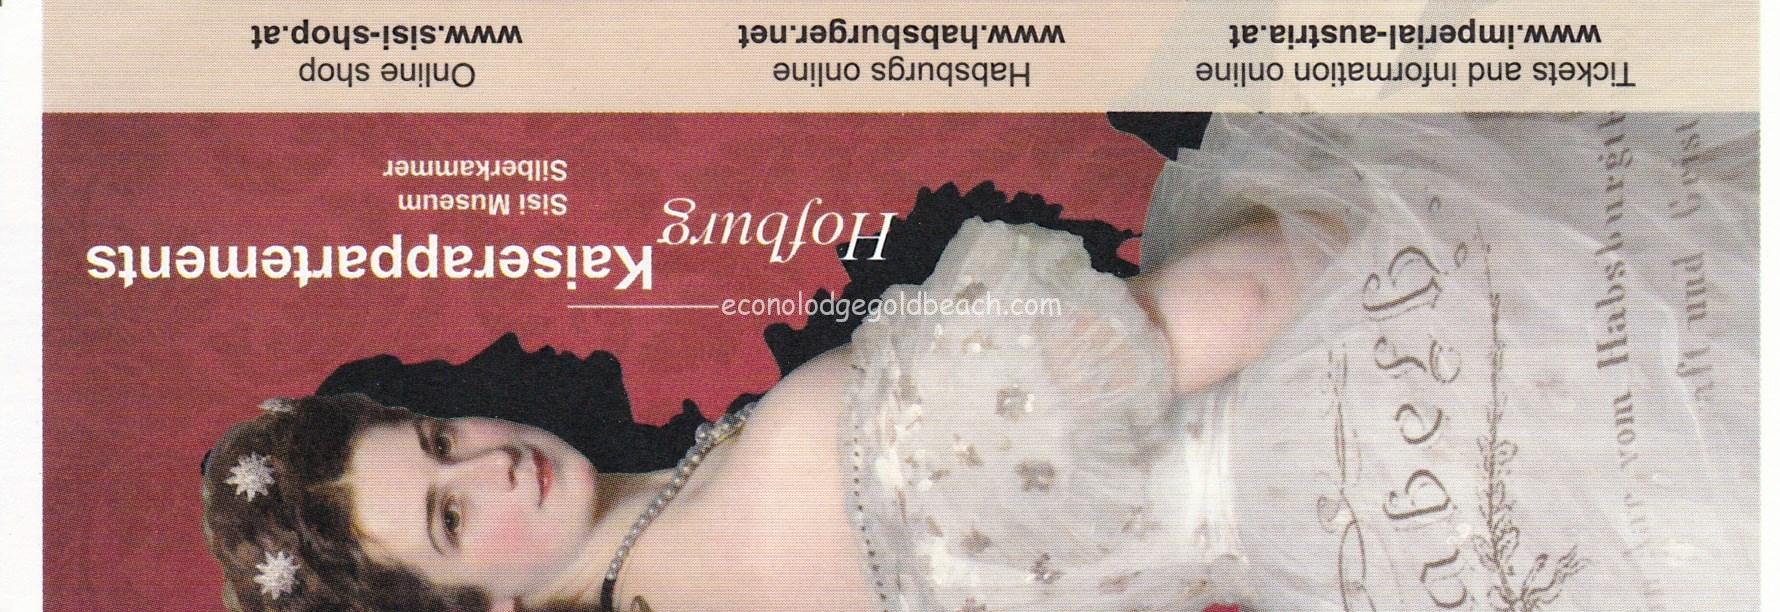 シシー博物館入場券表